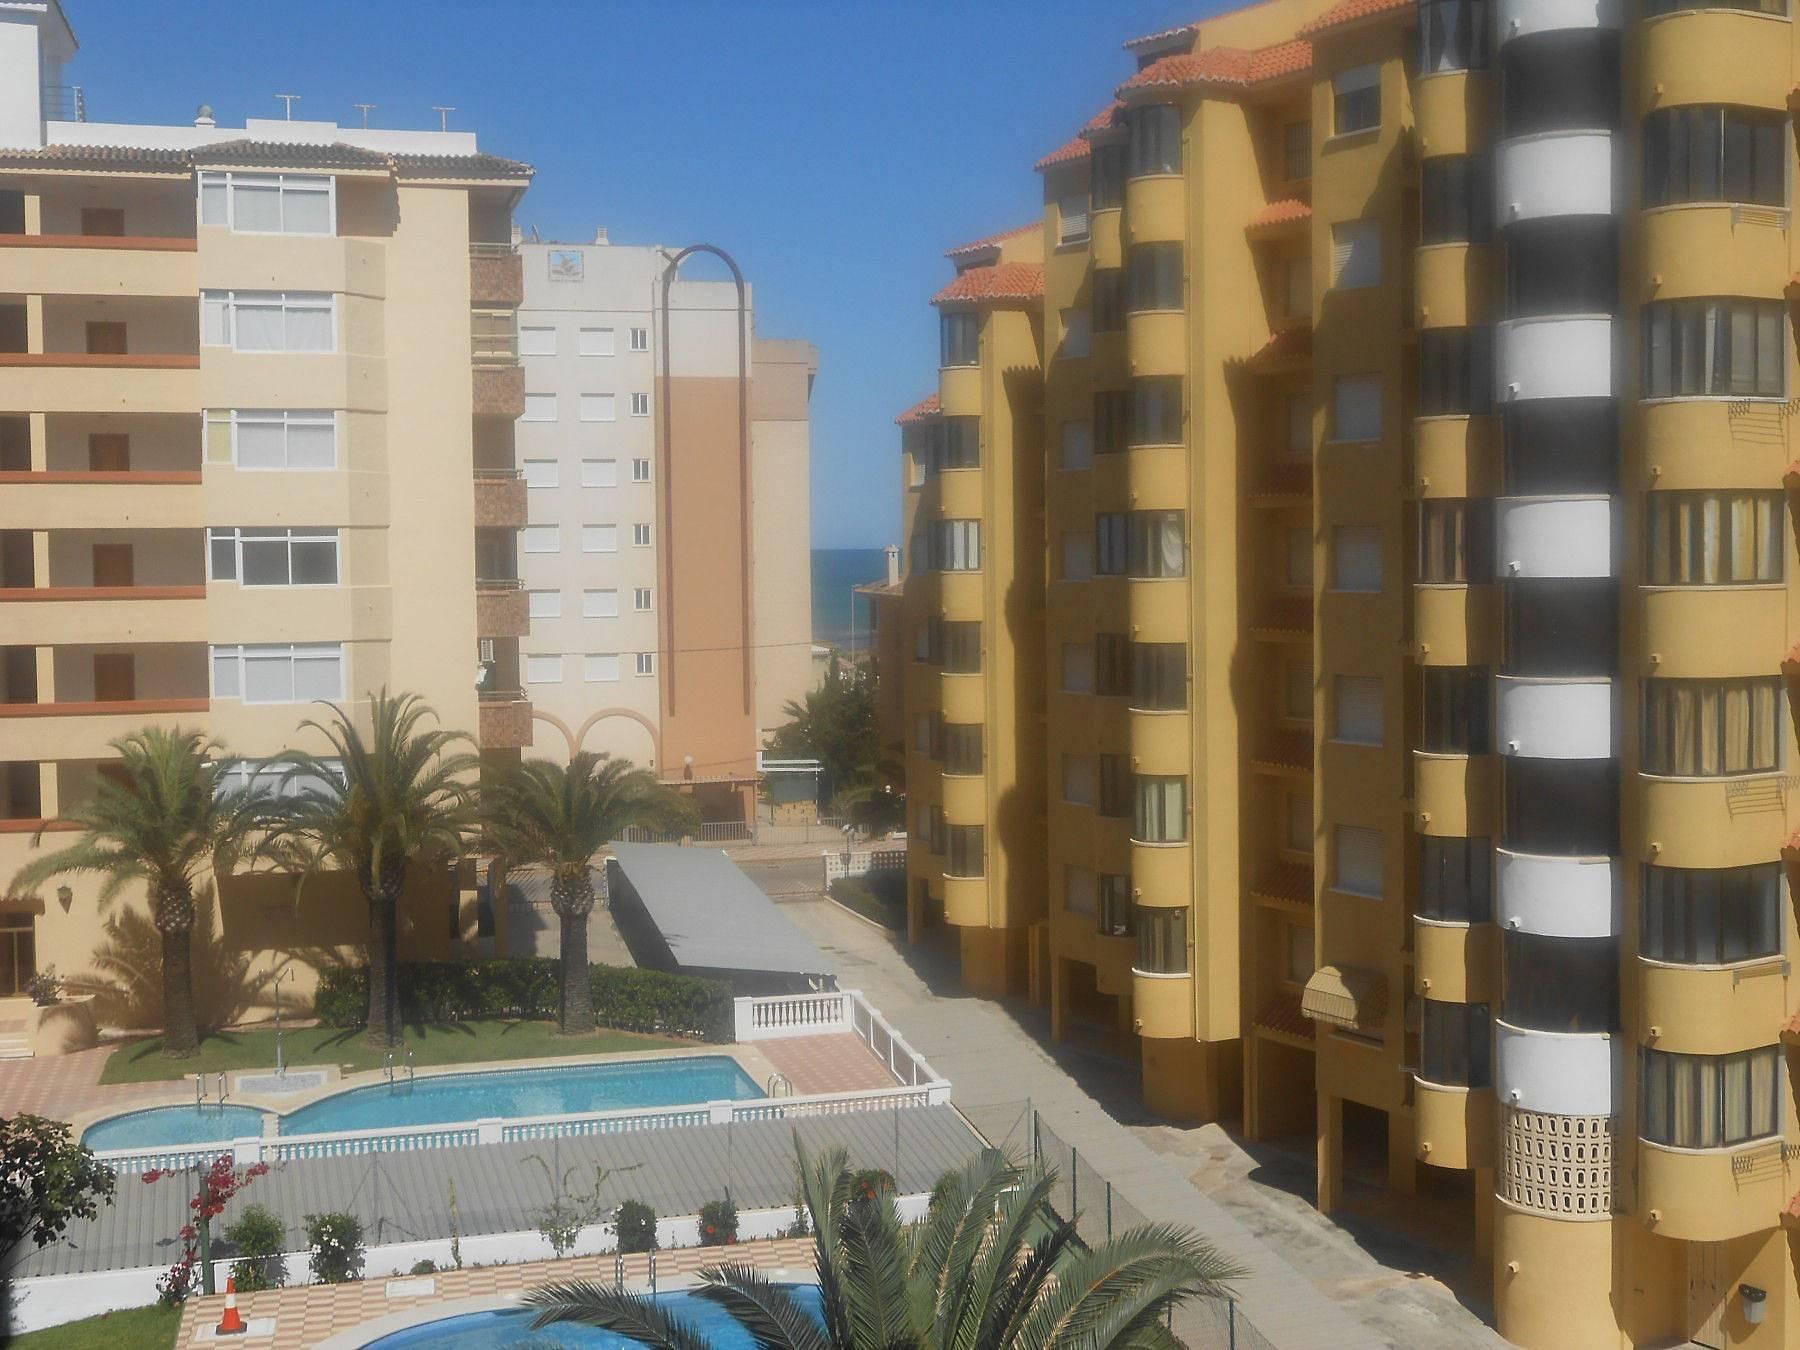 Apartamento en alquiler en xeraco xeraco playa xeraco valencia - Apartamentos en alquiler en valencia ...